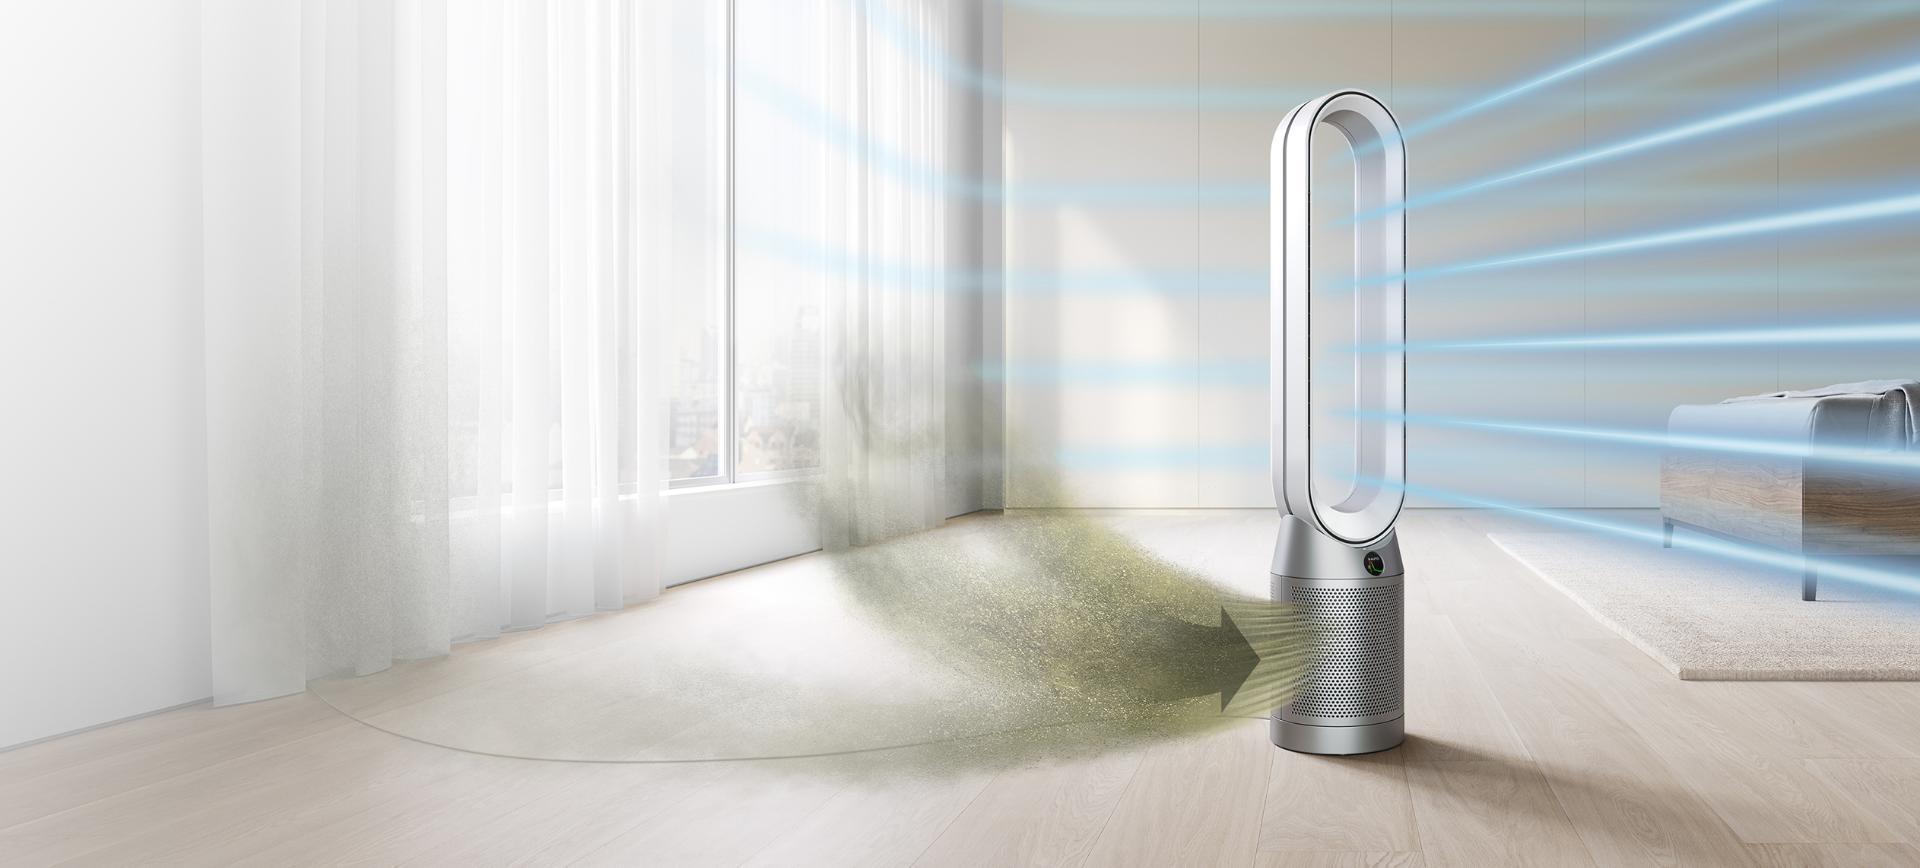 Bir yatak odasında Dyson purifier cool